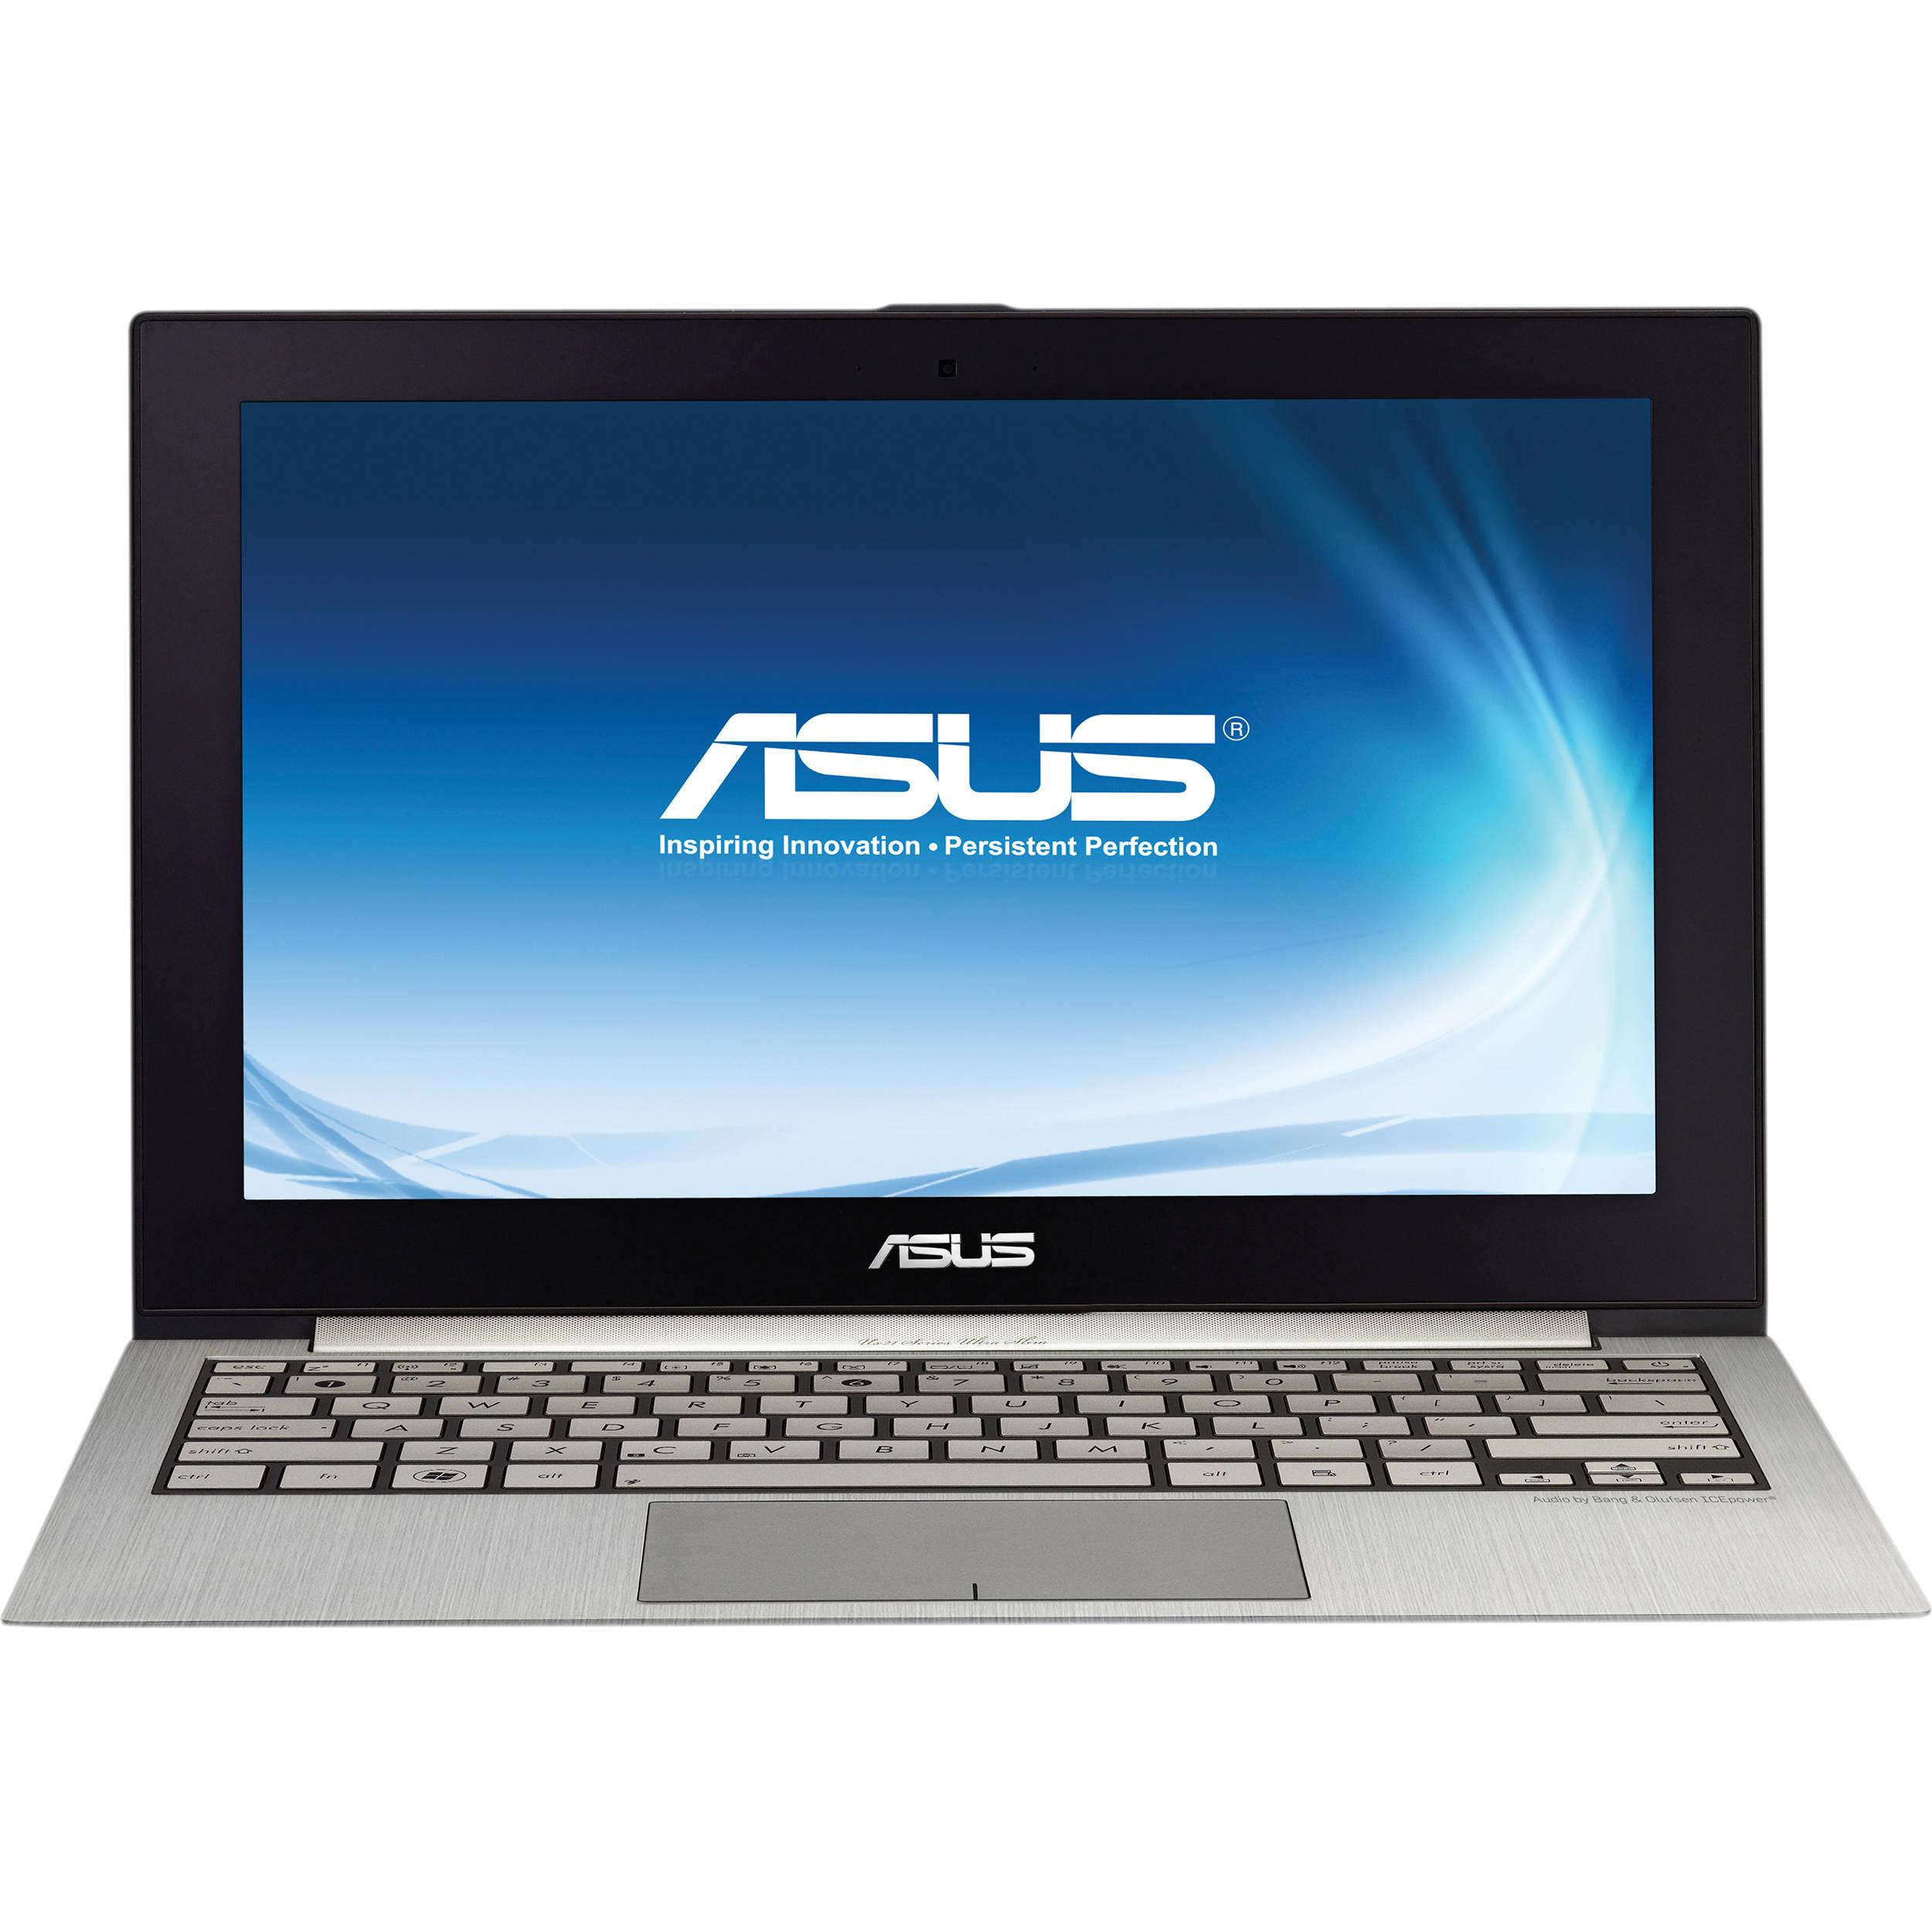 ASUS Zenbook UX21E-DH71 Ultrabook 11.6\